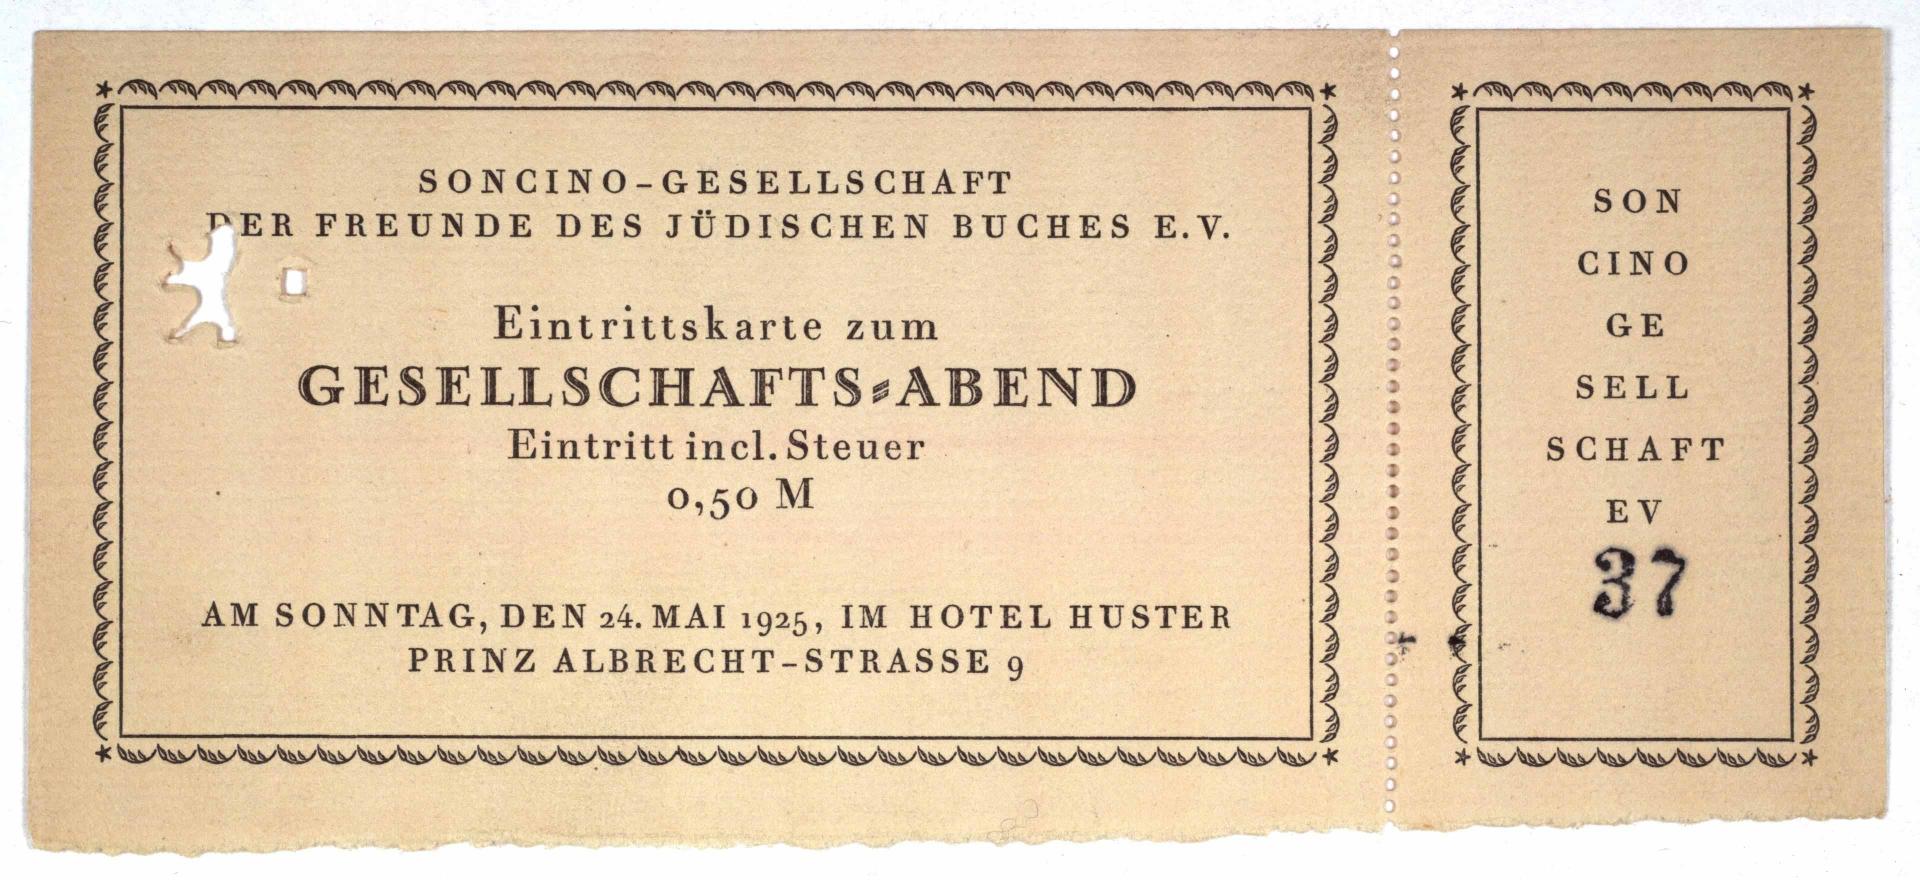 Eintrittskarte mit Abriss-Coupon